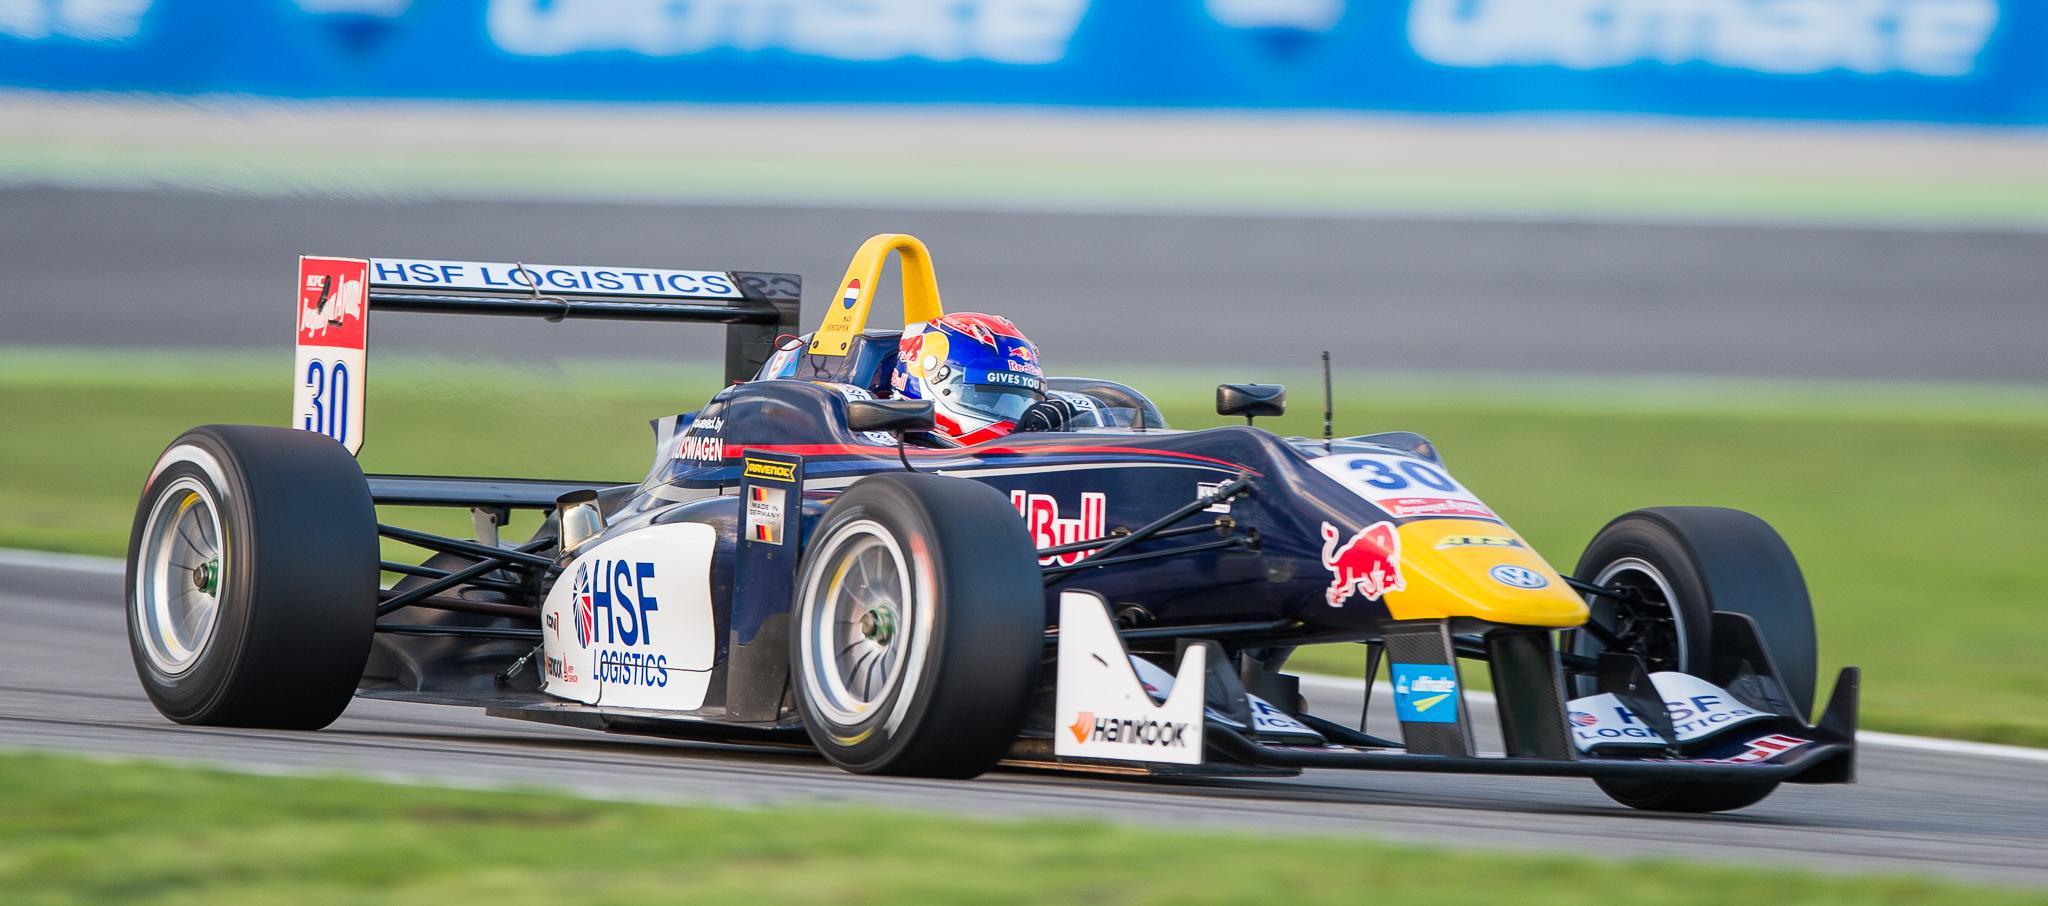 Max Verstappen Formula 3